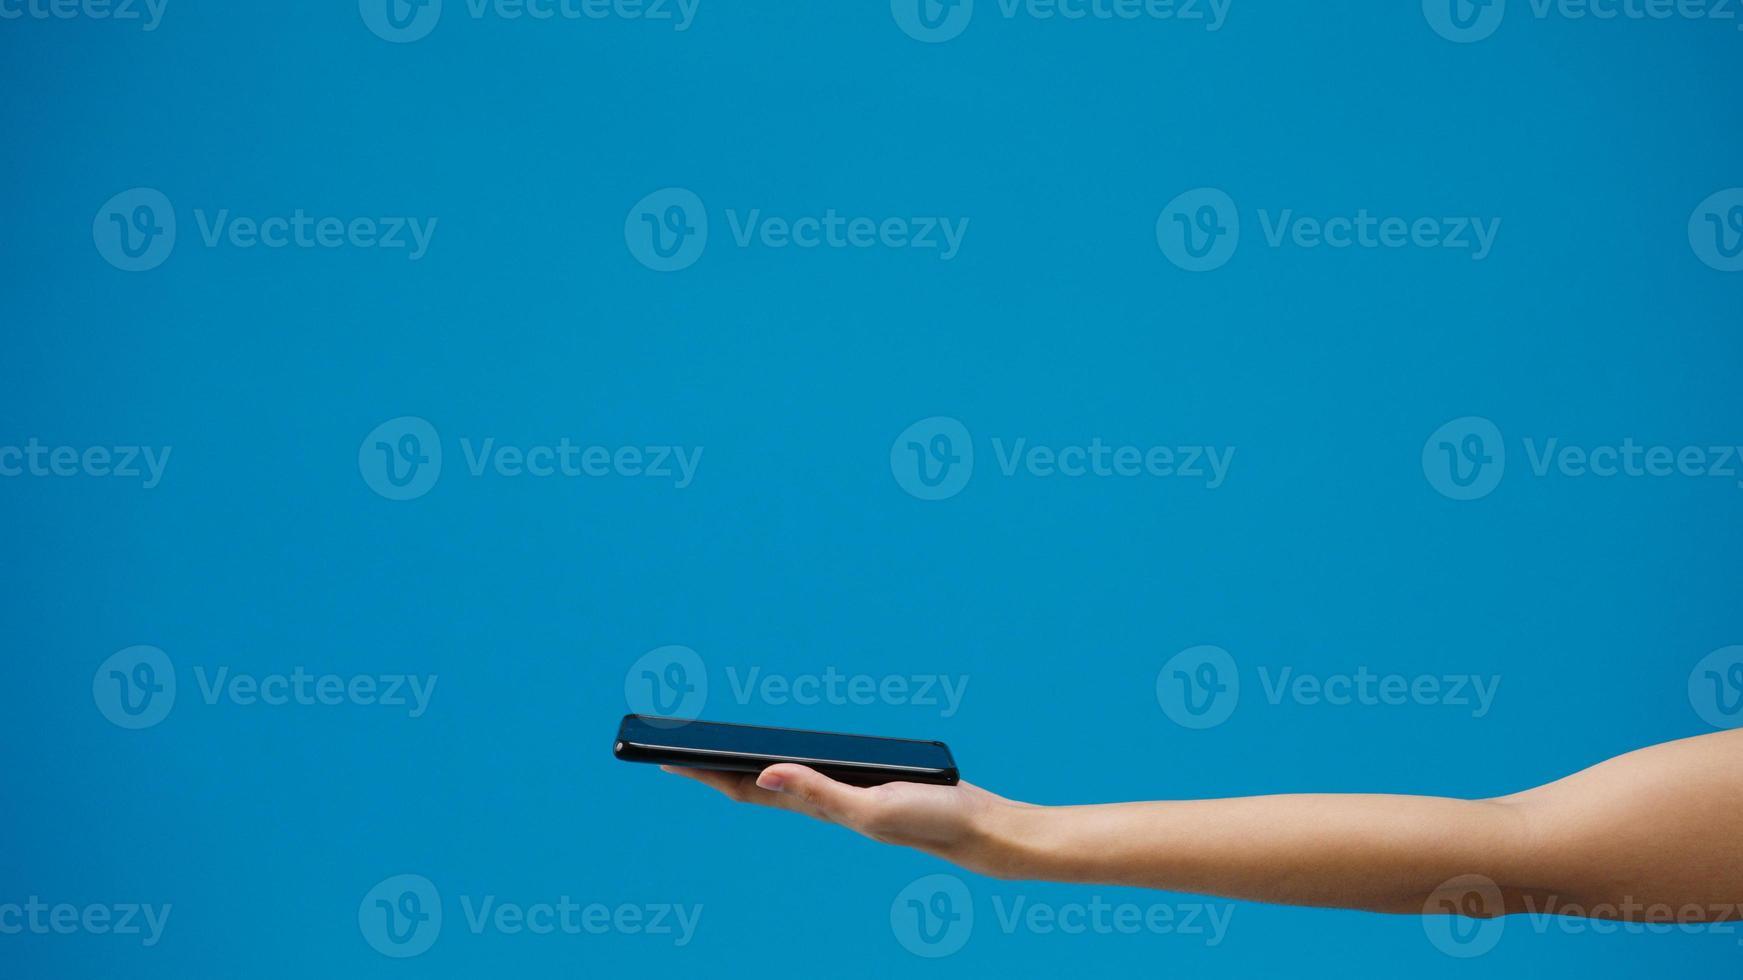 ung flicka som handlar online med mobil och betalningsorder online isolerad över blå bakgrund. kopiera utrymme för att placera en text, meddelande för annons. reklamområde, mockup -reklaminnehåll. foto